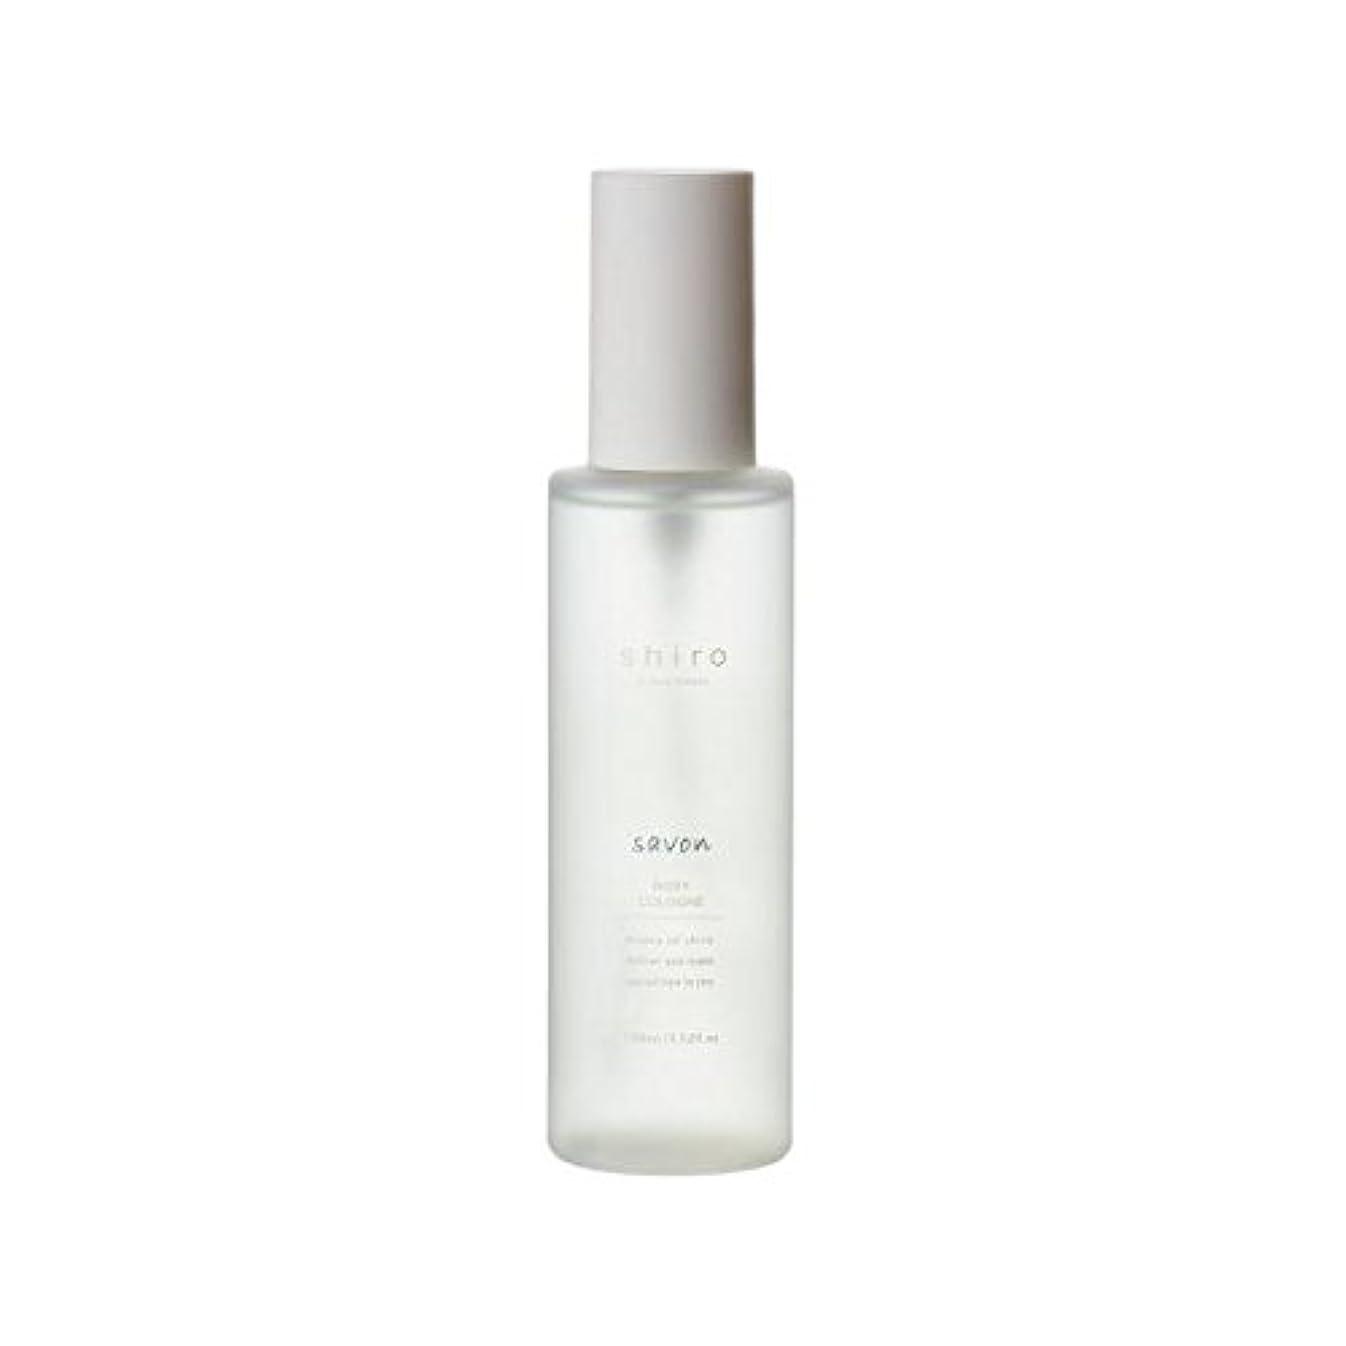 疫病大騒ぎお金shiro サボン ボディコロン 100ml 清潔で透明感のある自然な石けんの香り ミスト シロ